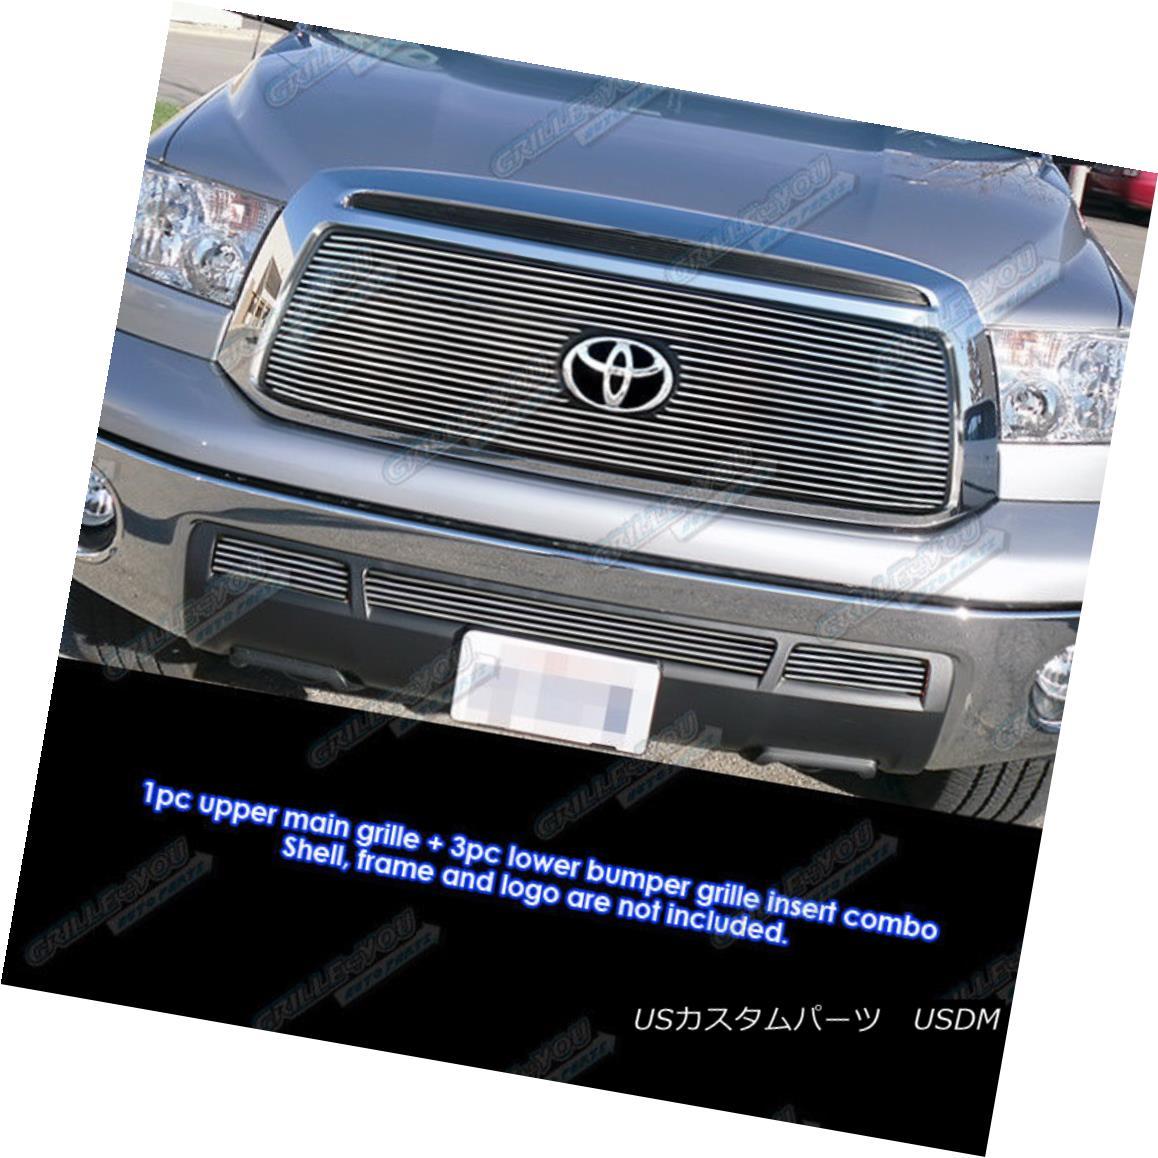 グリル Fits 2010-2013 Toyota Tundra Billet Grille Grill Insert Combo フィット2010-2013トヨタトンドラビレットグリルグリルインサートコンボ